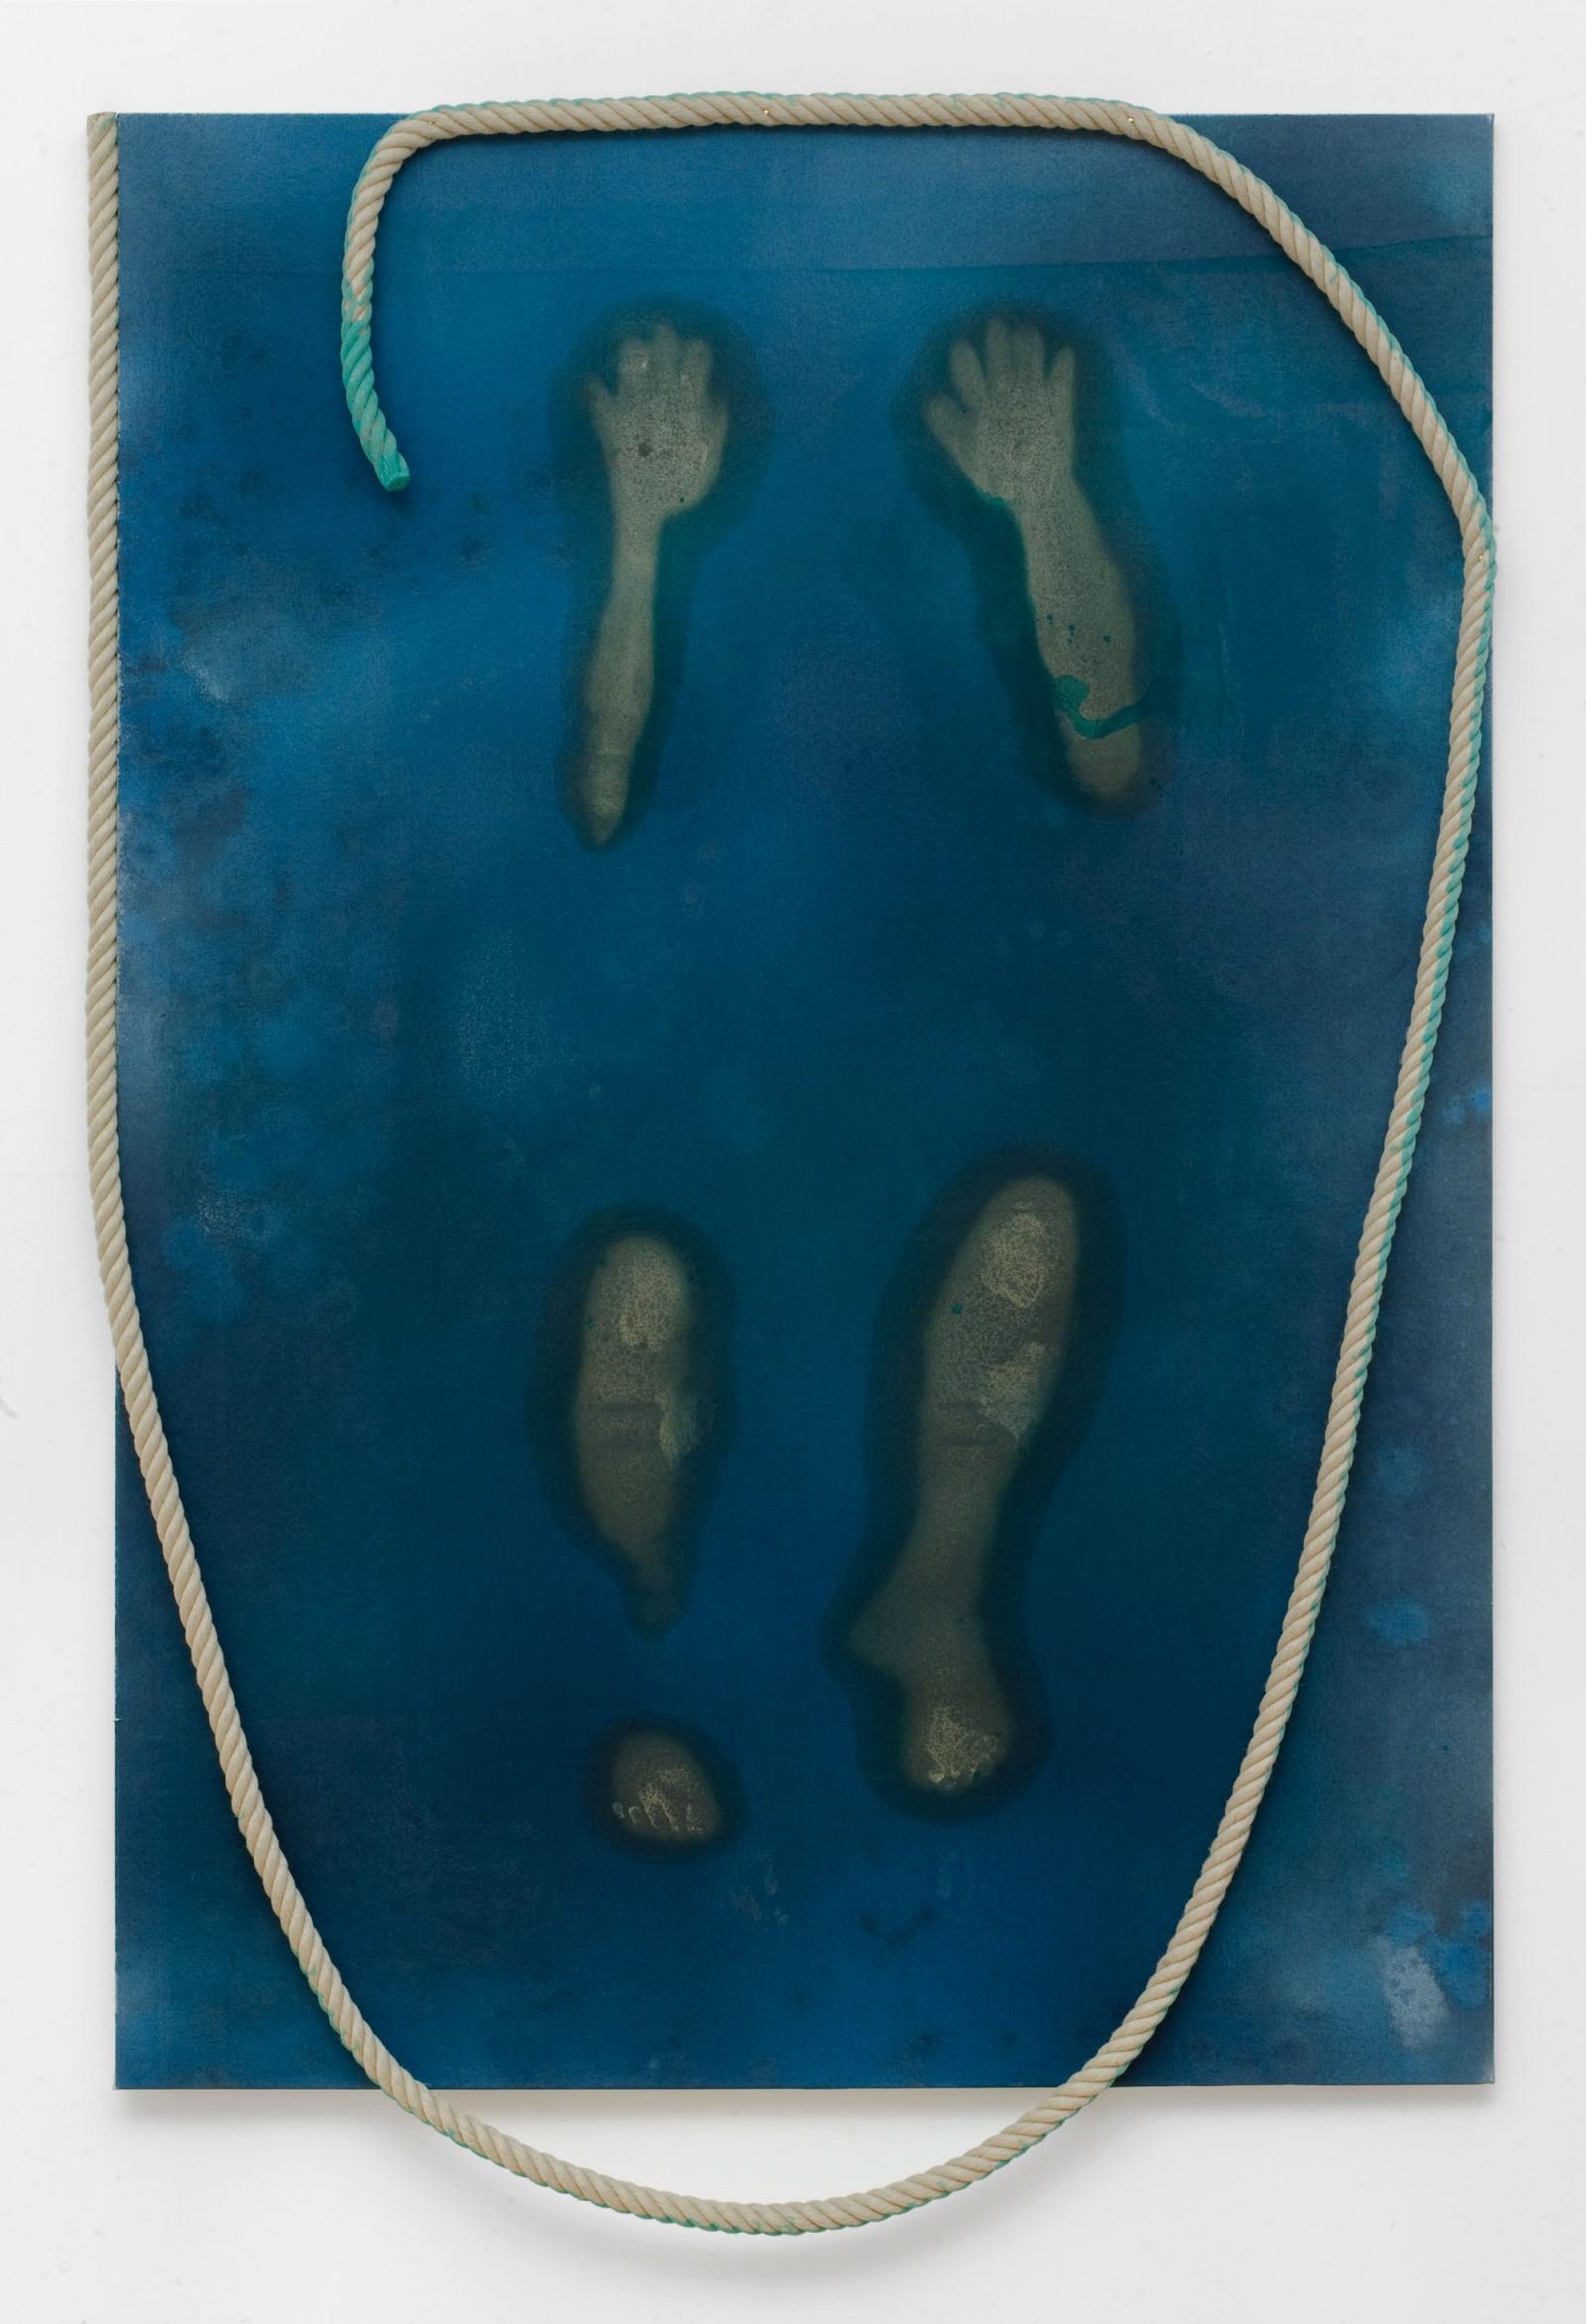 Kim Nekarda: wasser hat keinen balken, 2008, vinyl color, rope, poppy oil & body print on cotton, 218 x 143 cm